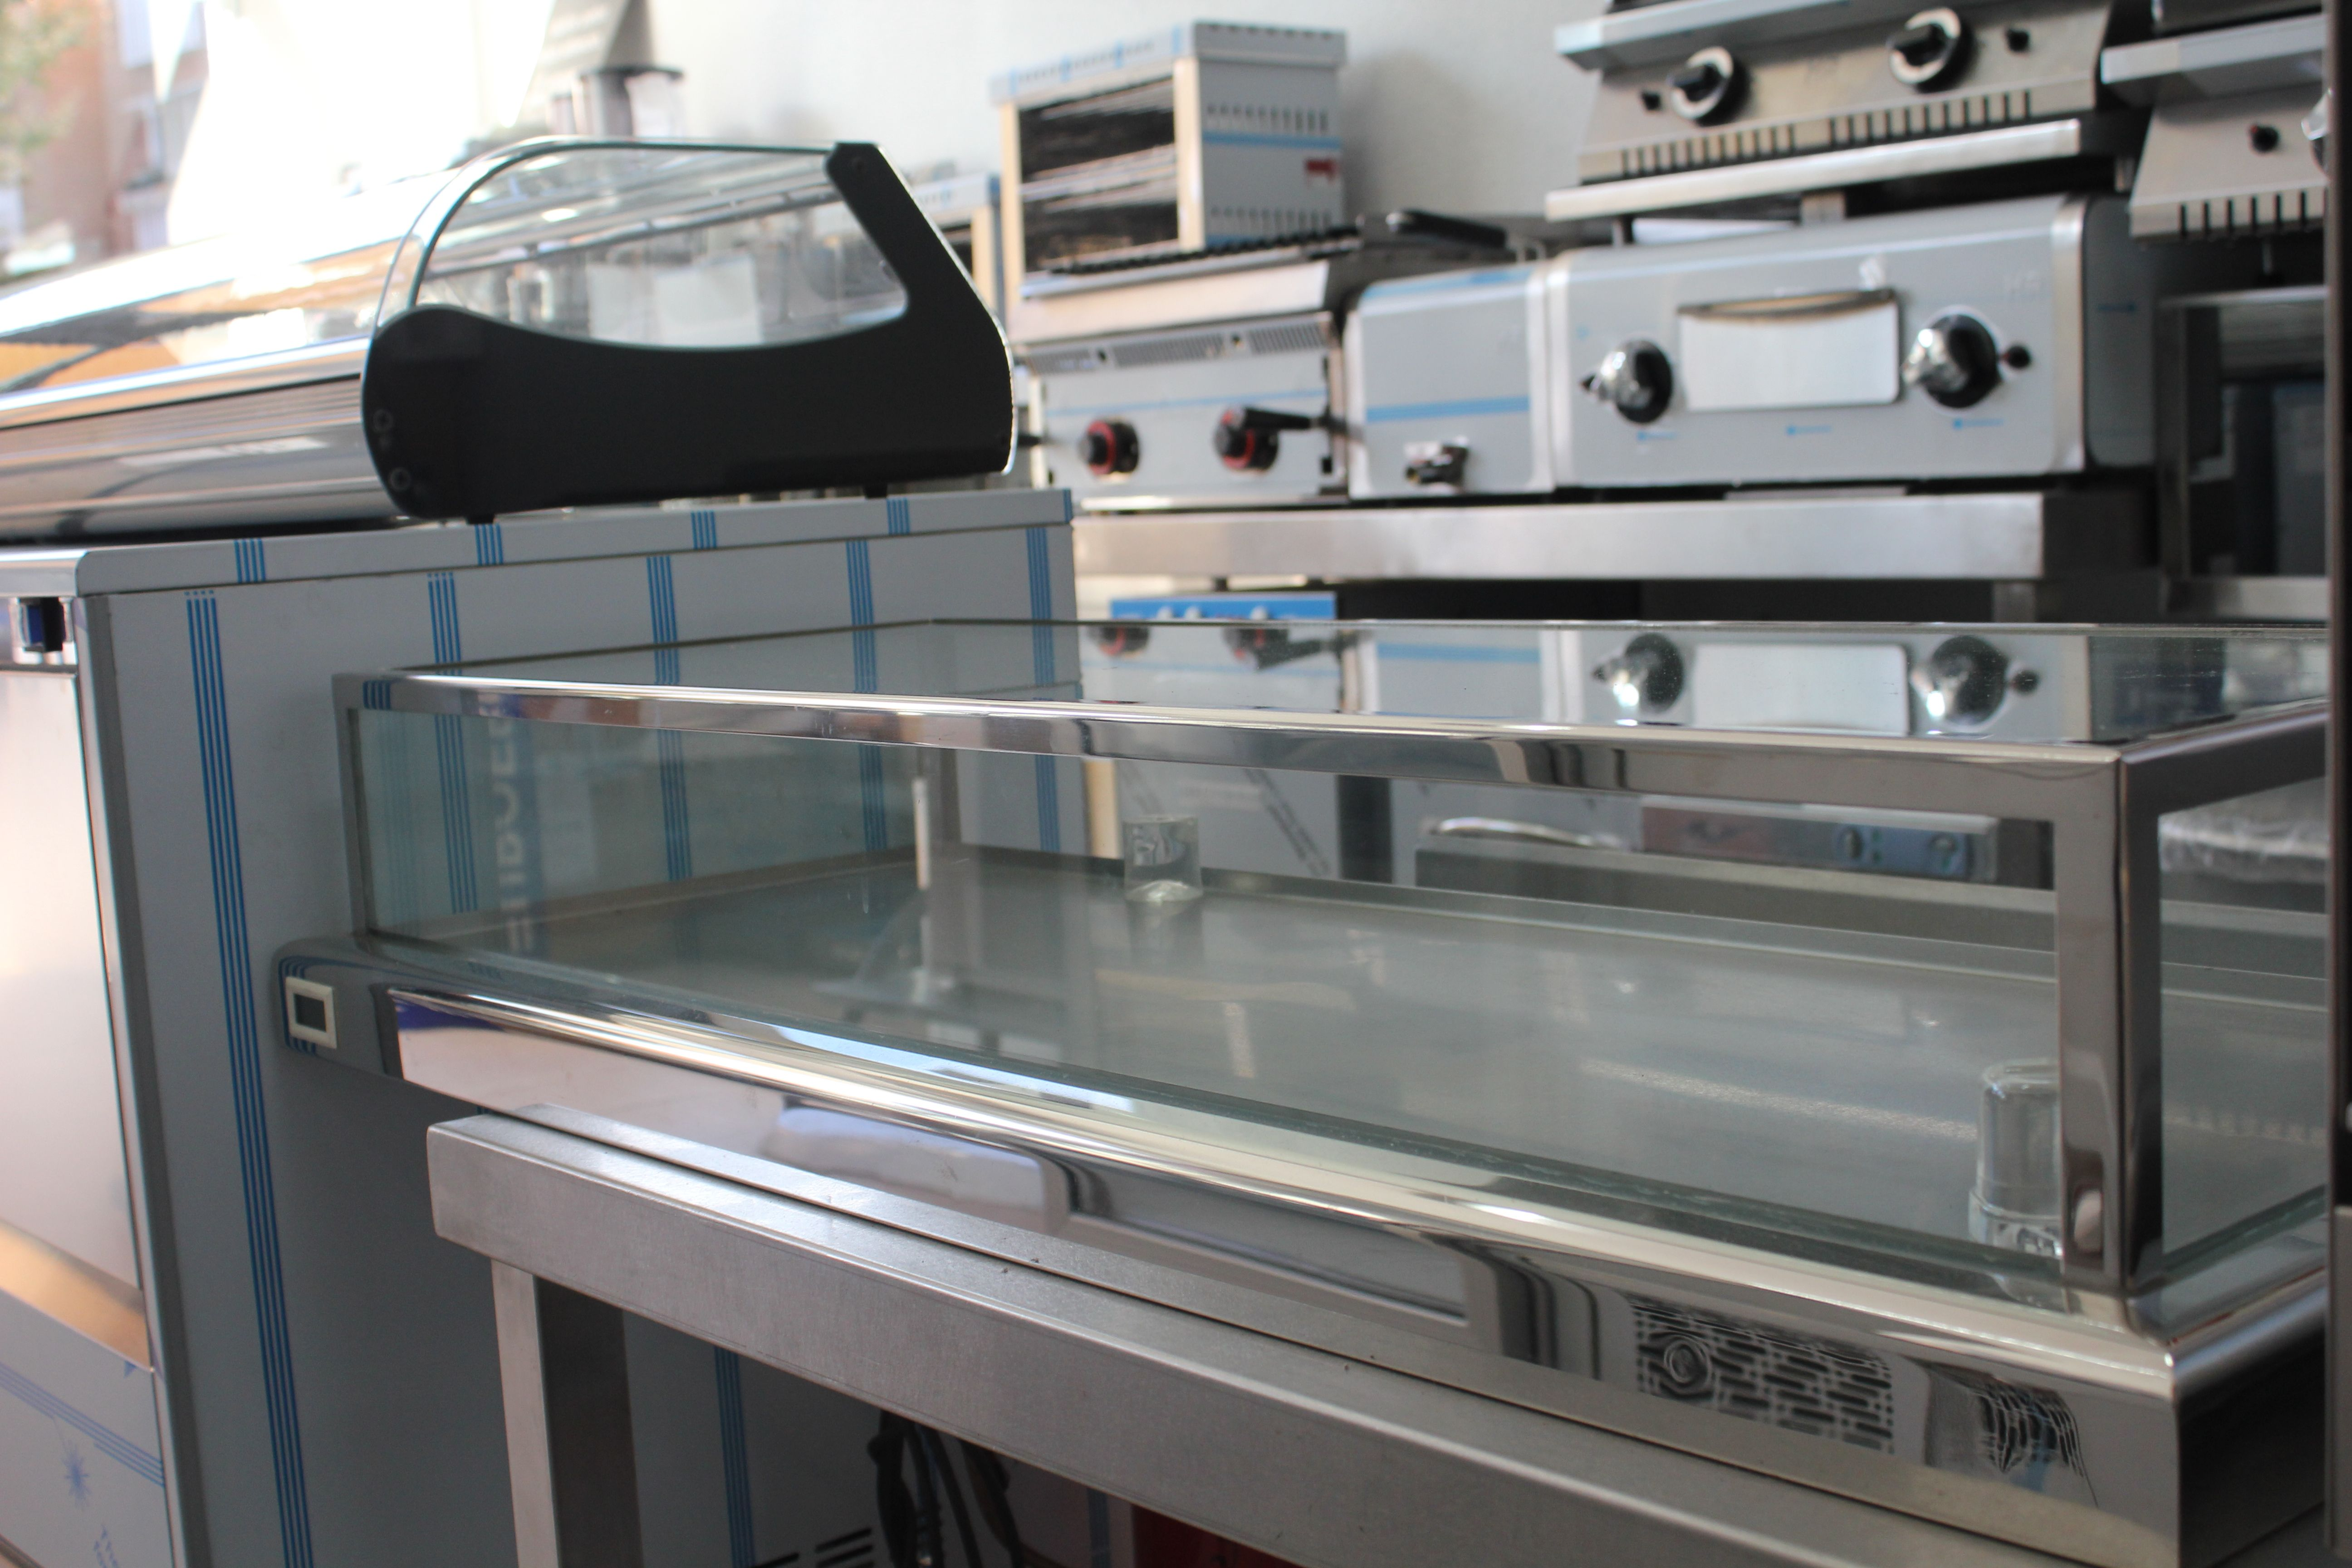 Venta de maquinaria de hostelería en Zamora